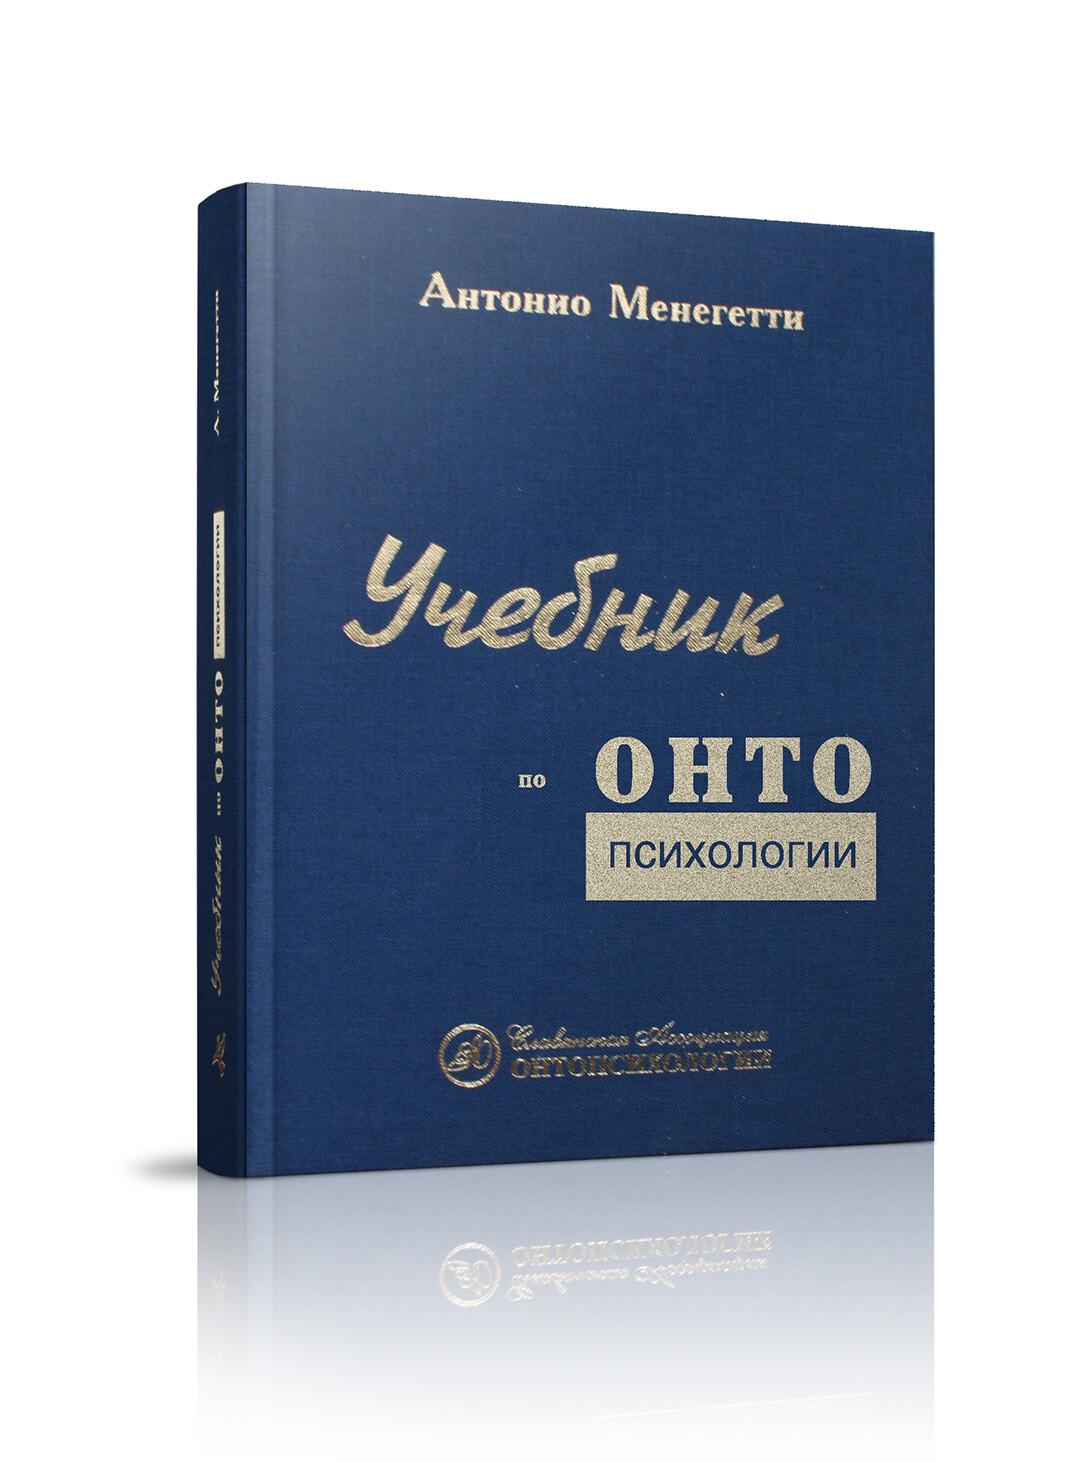 Учебник по онтопсихологии (электронная книга, epub)